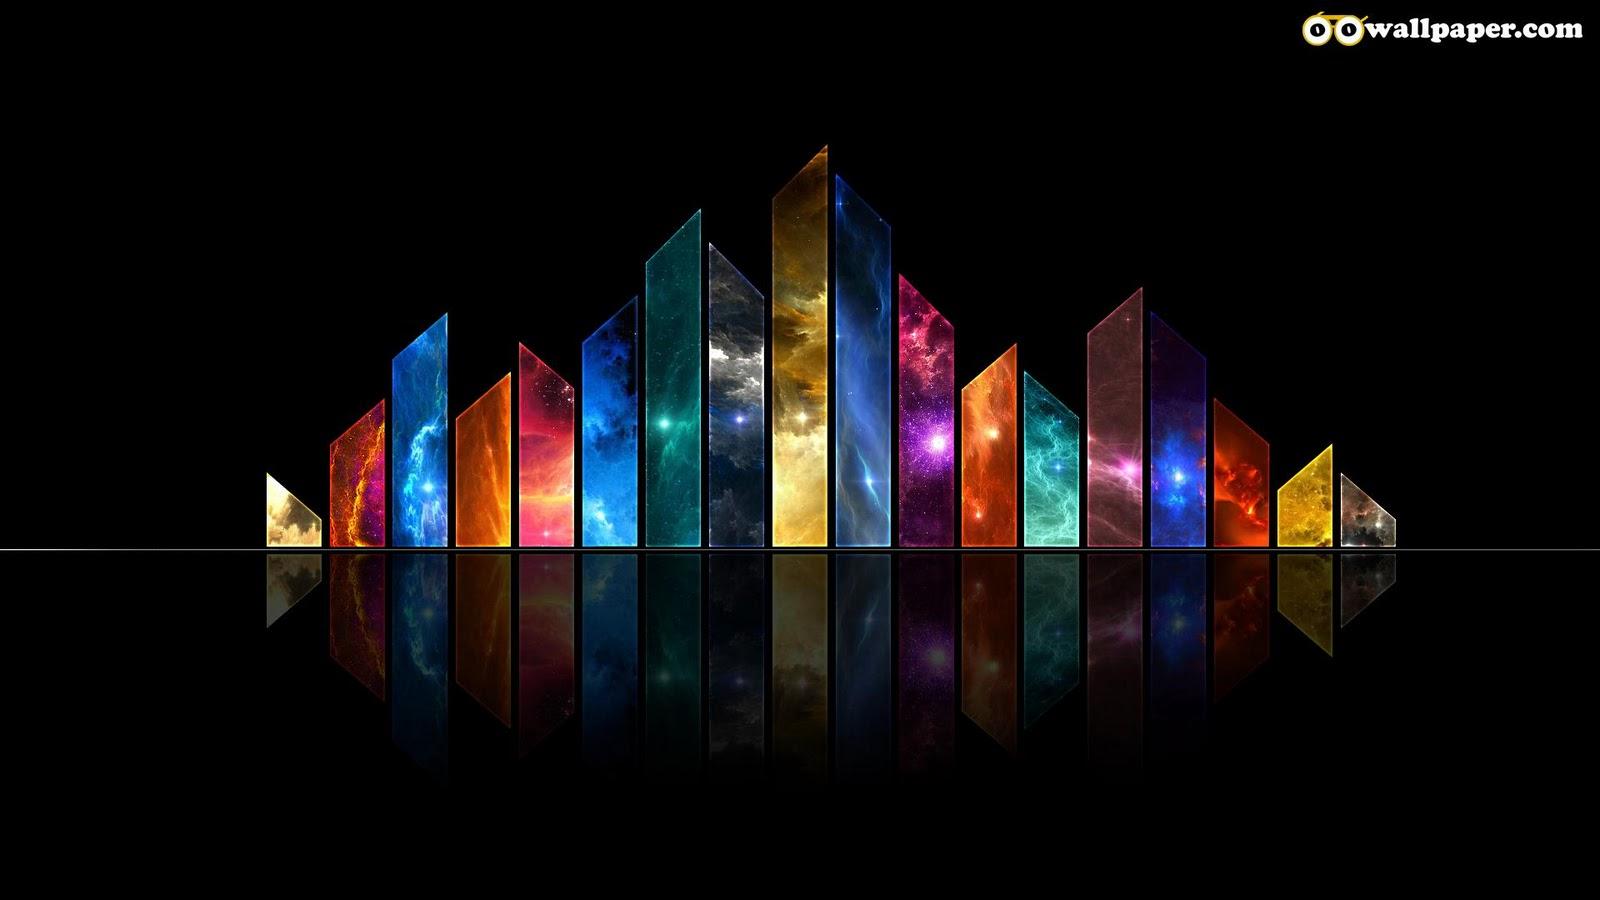 http://3.bp.blogspot.com/-qa0_Lvs57Y8/Twm6qgutE9I/AAAAAAAAA8E/WRbGl3LH6TA/s1600/oo_Colorful+05.jpg